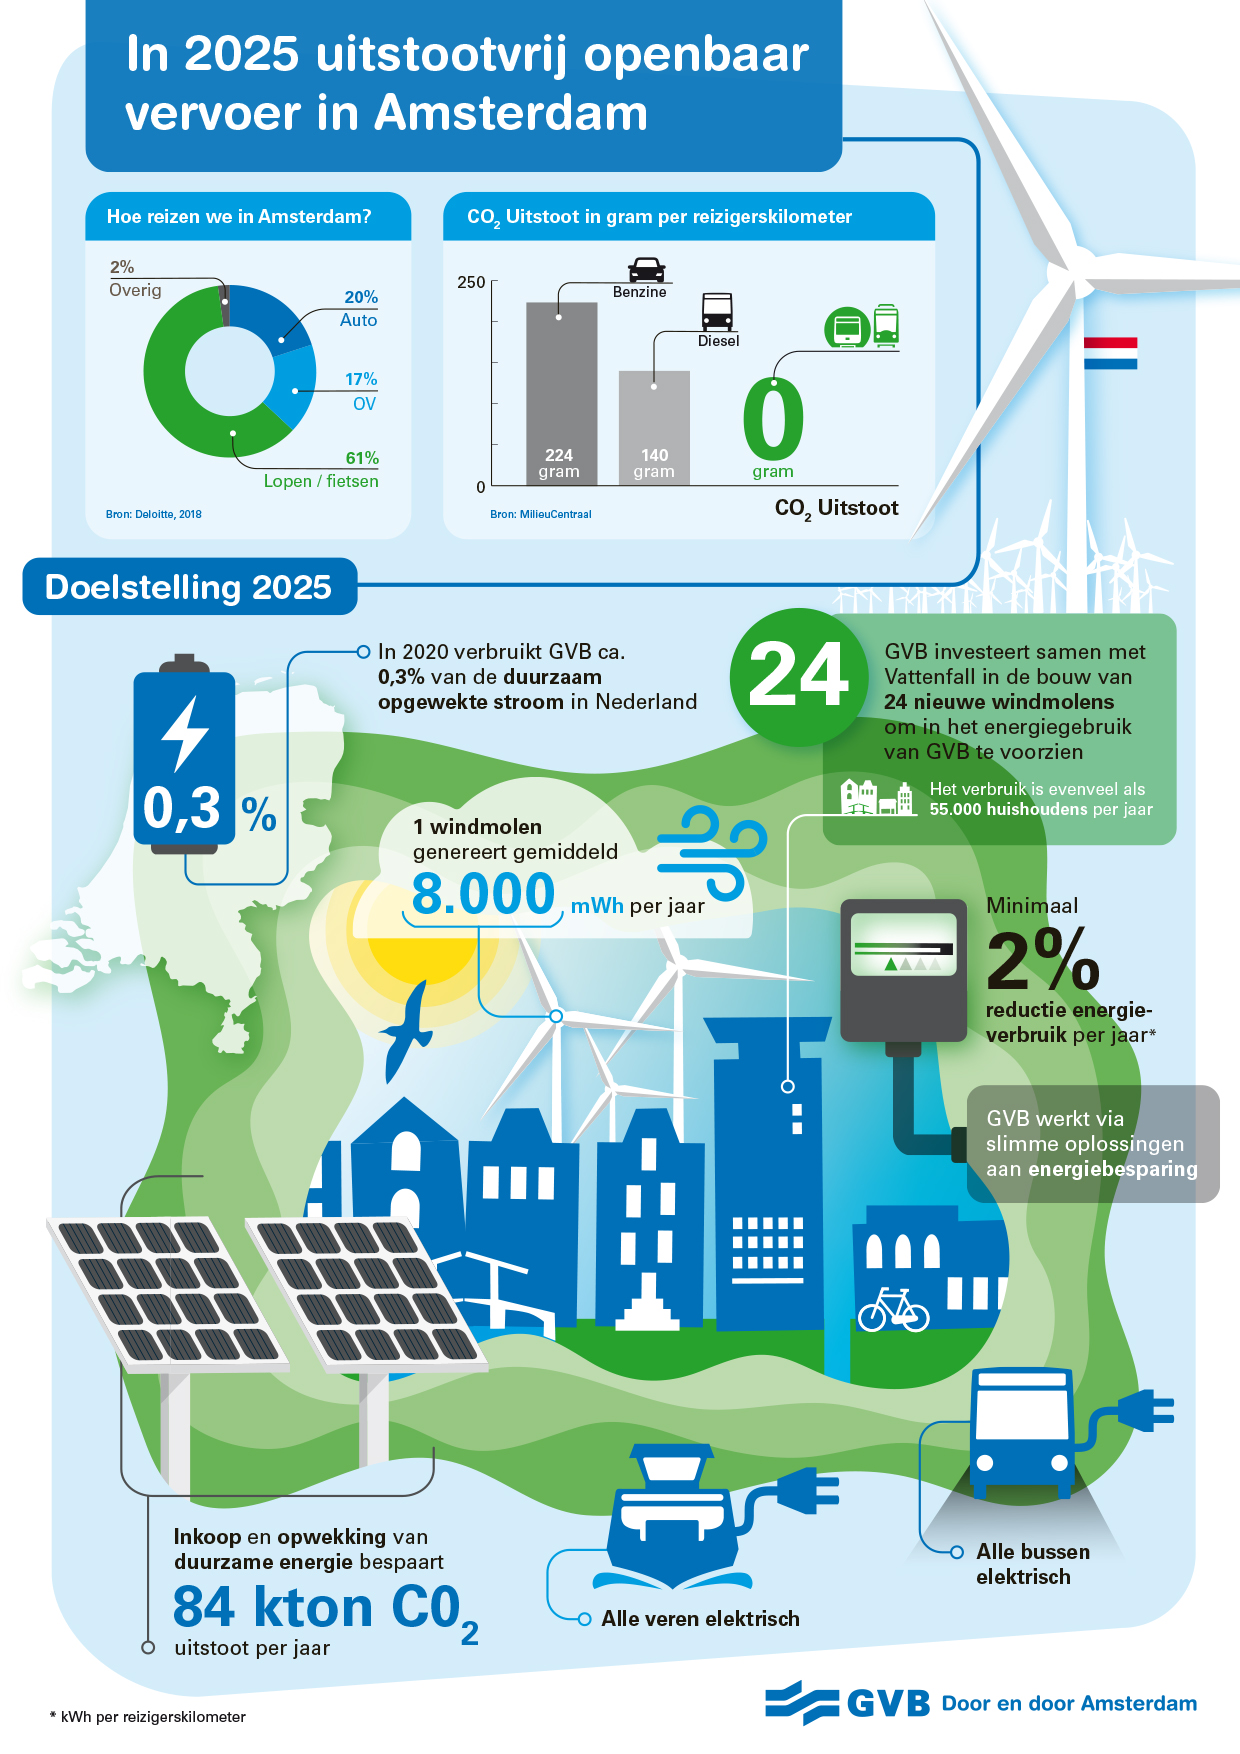 GVB uitstootvrij in 2025